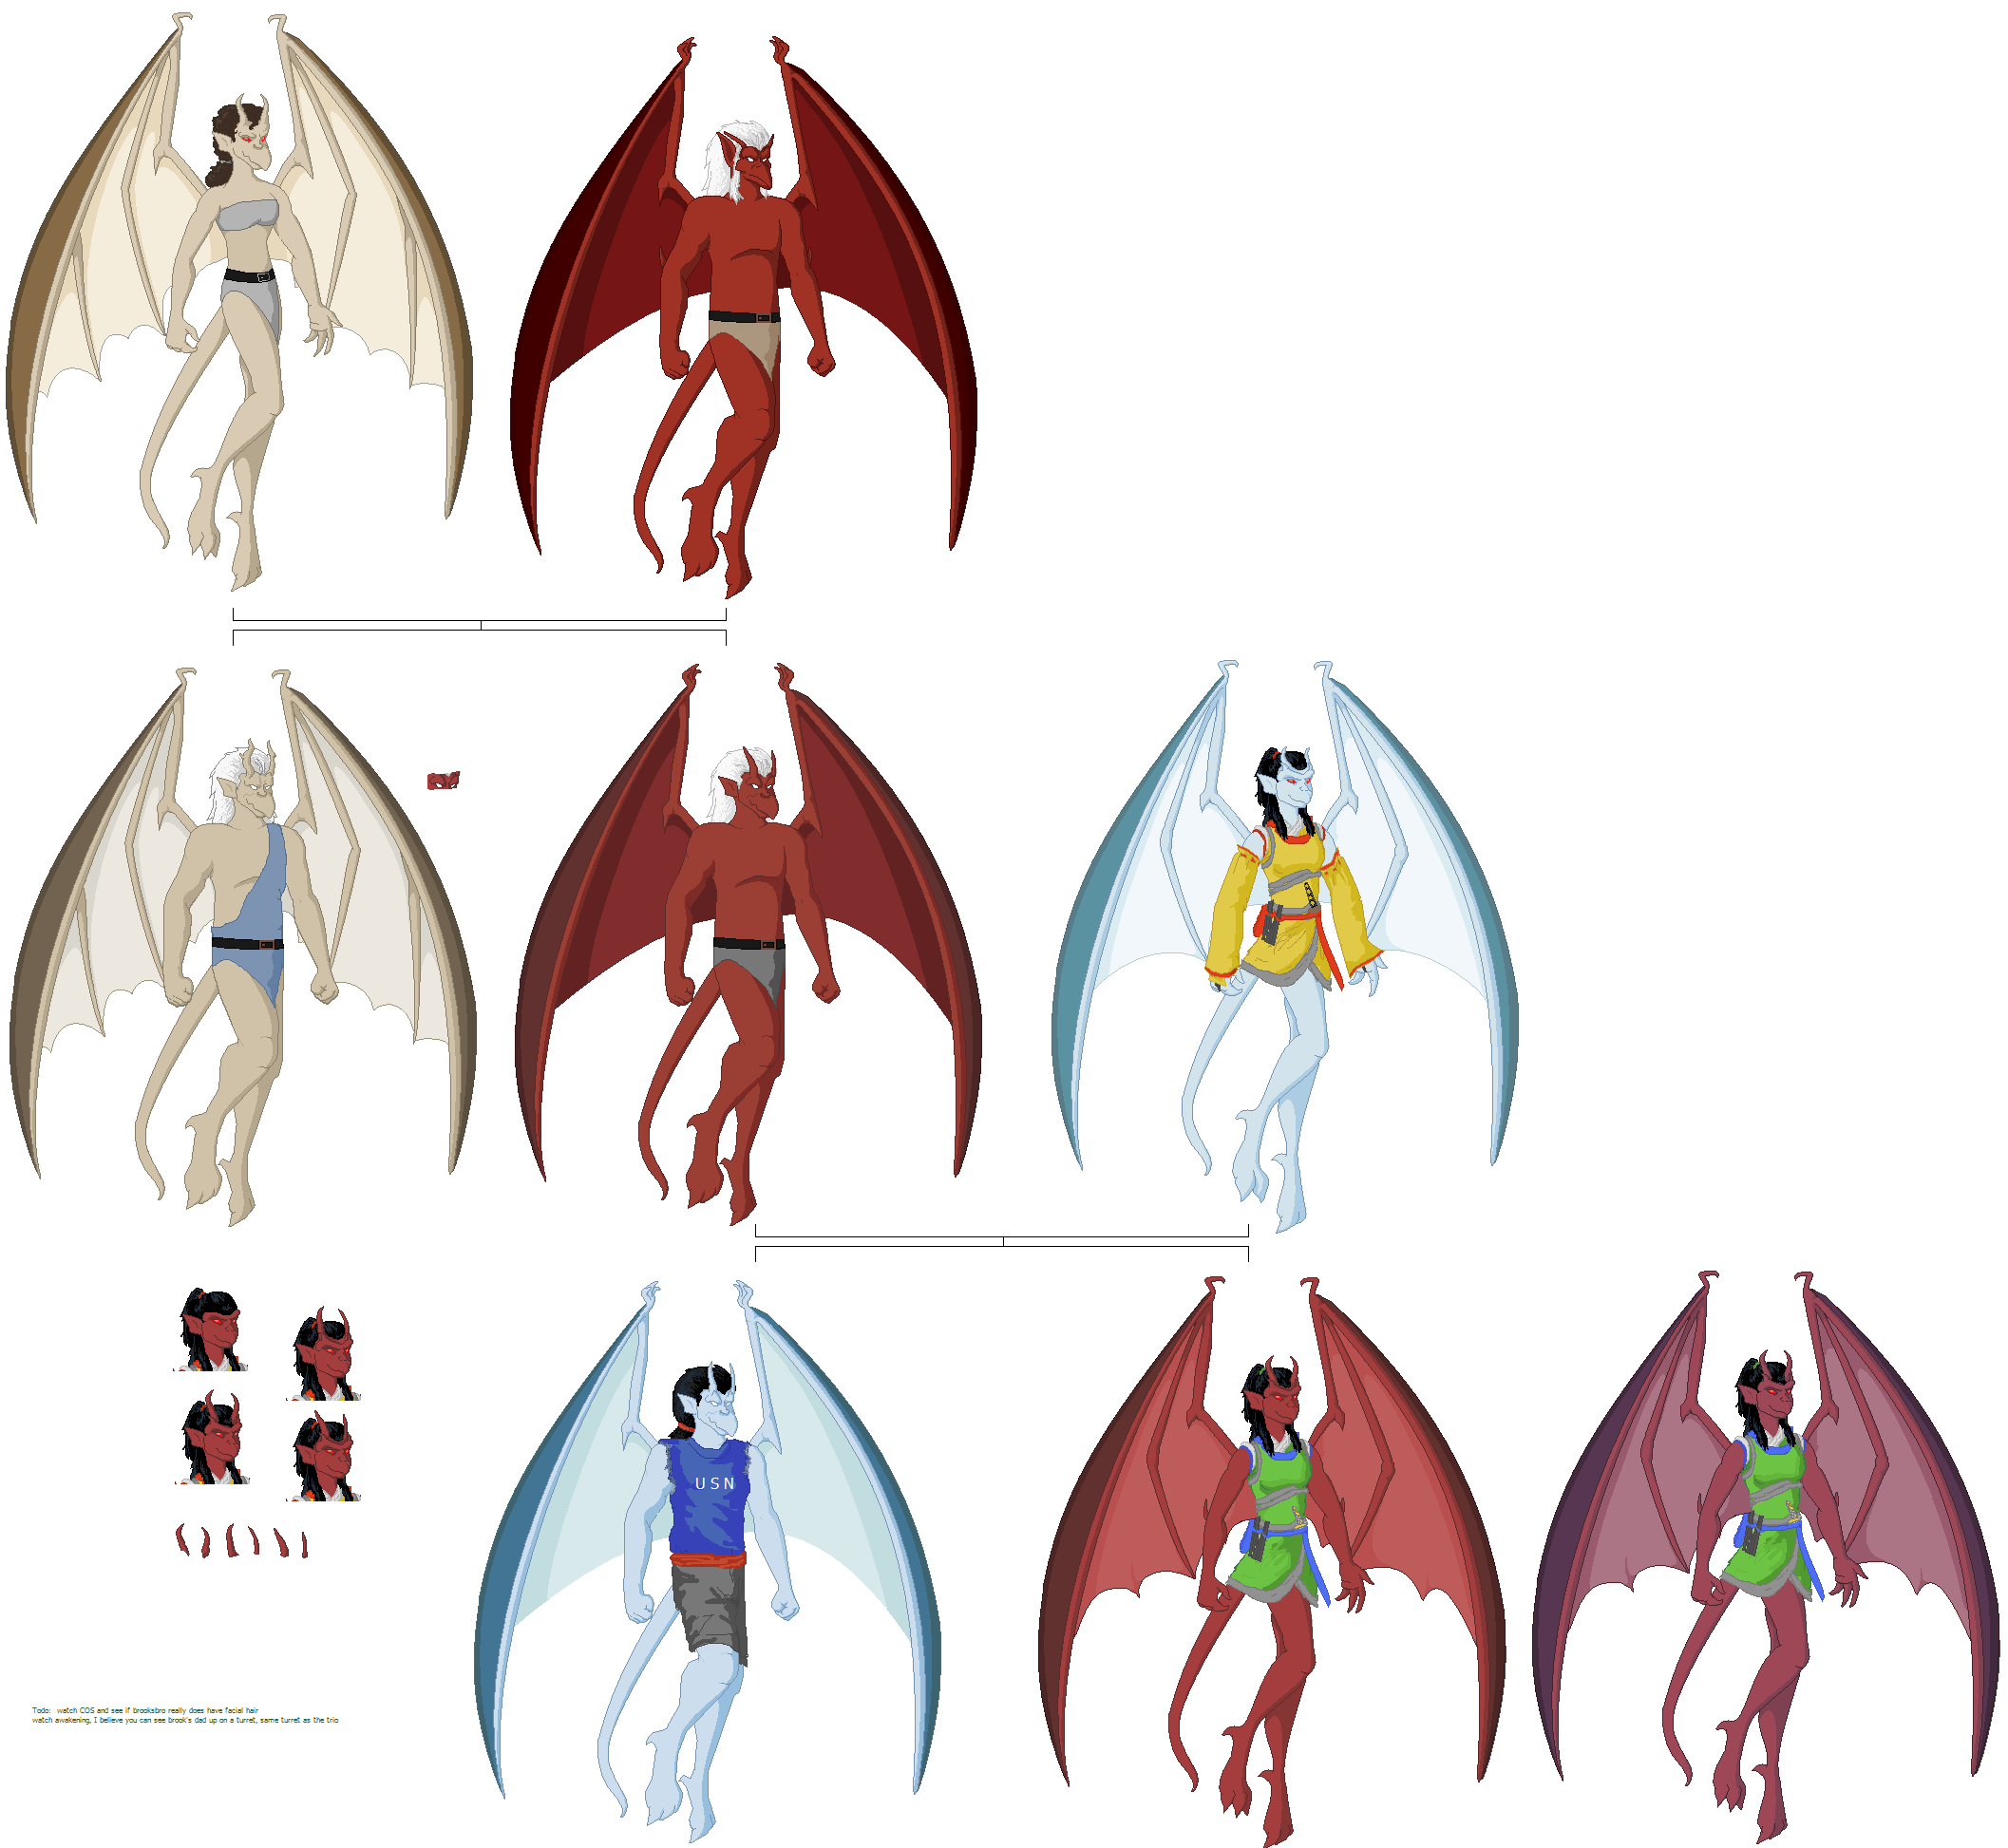 Other Gargoyles by Nebulan on DeviantArt